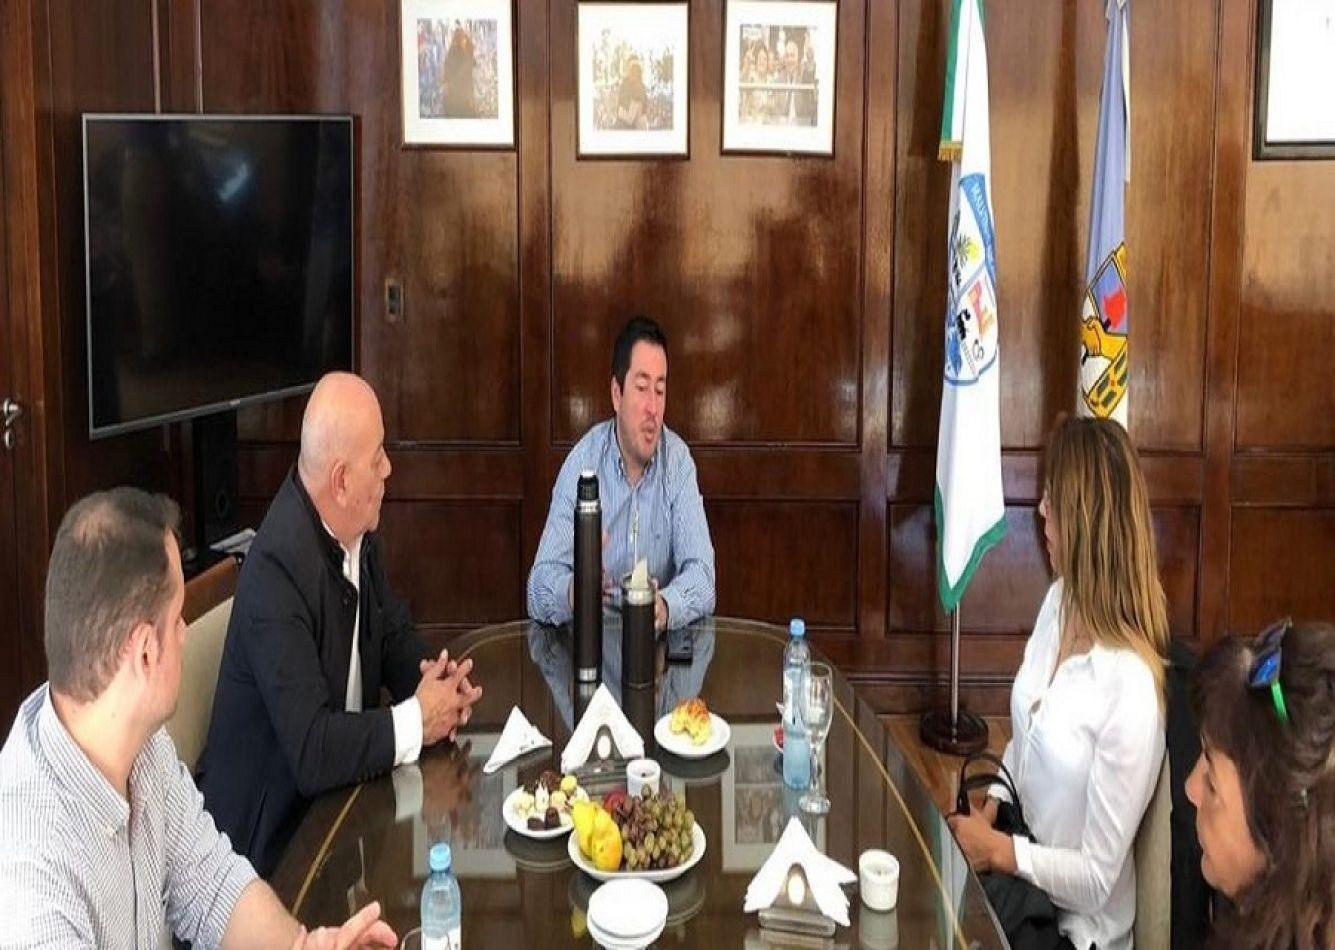 El Secretario Hugo Romero se reunió con el Intendente del partido Malvinas Argentinas